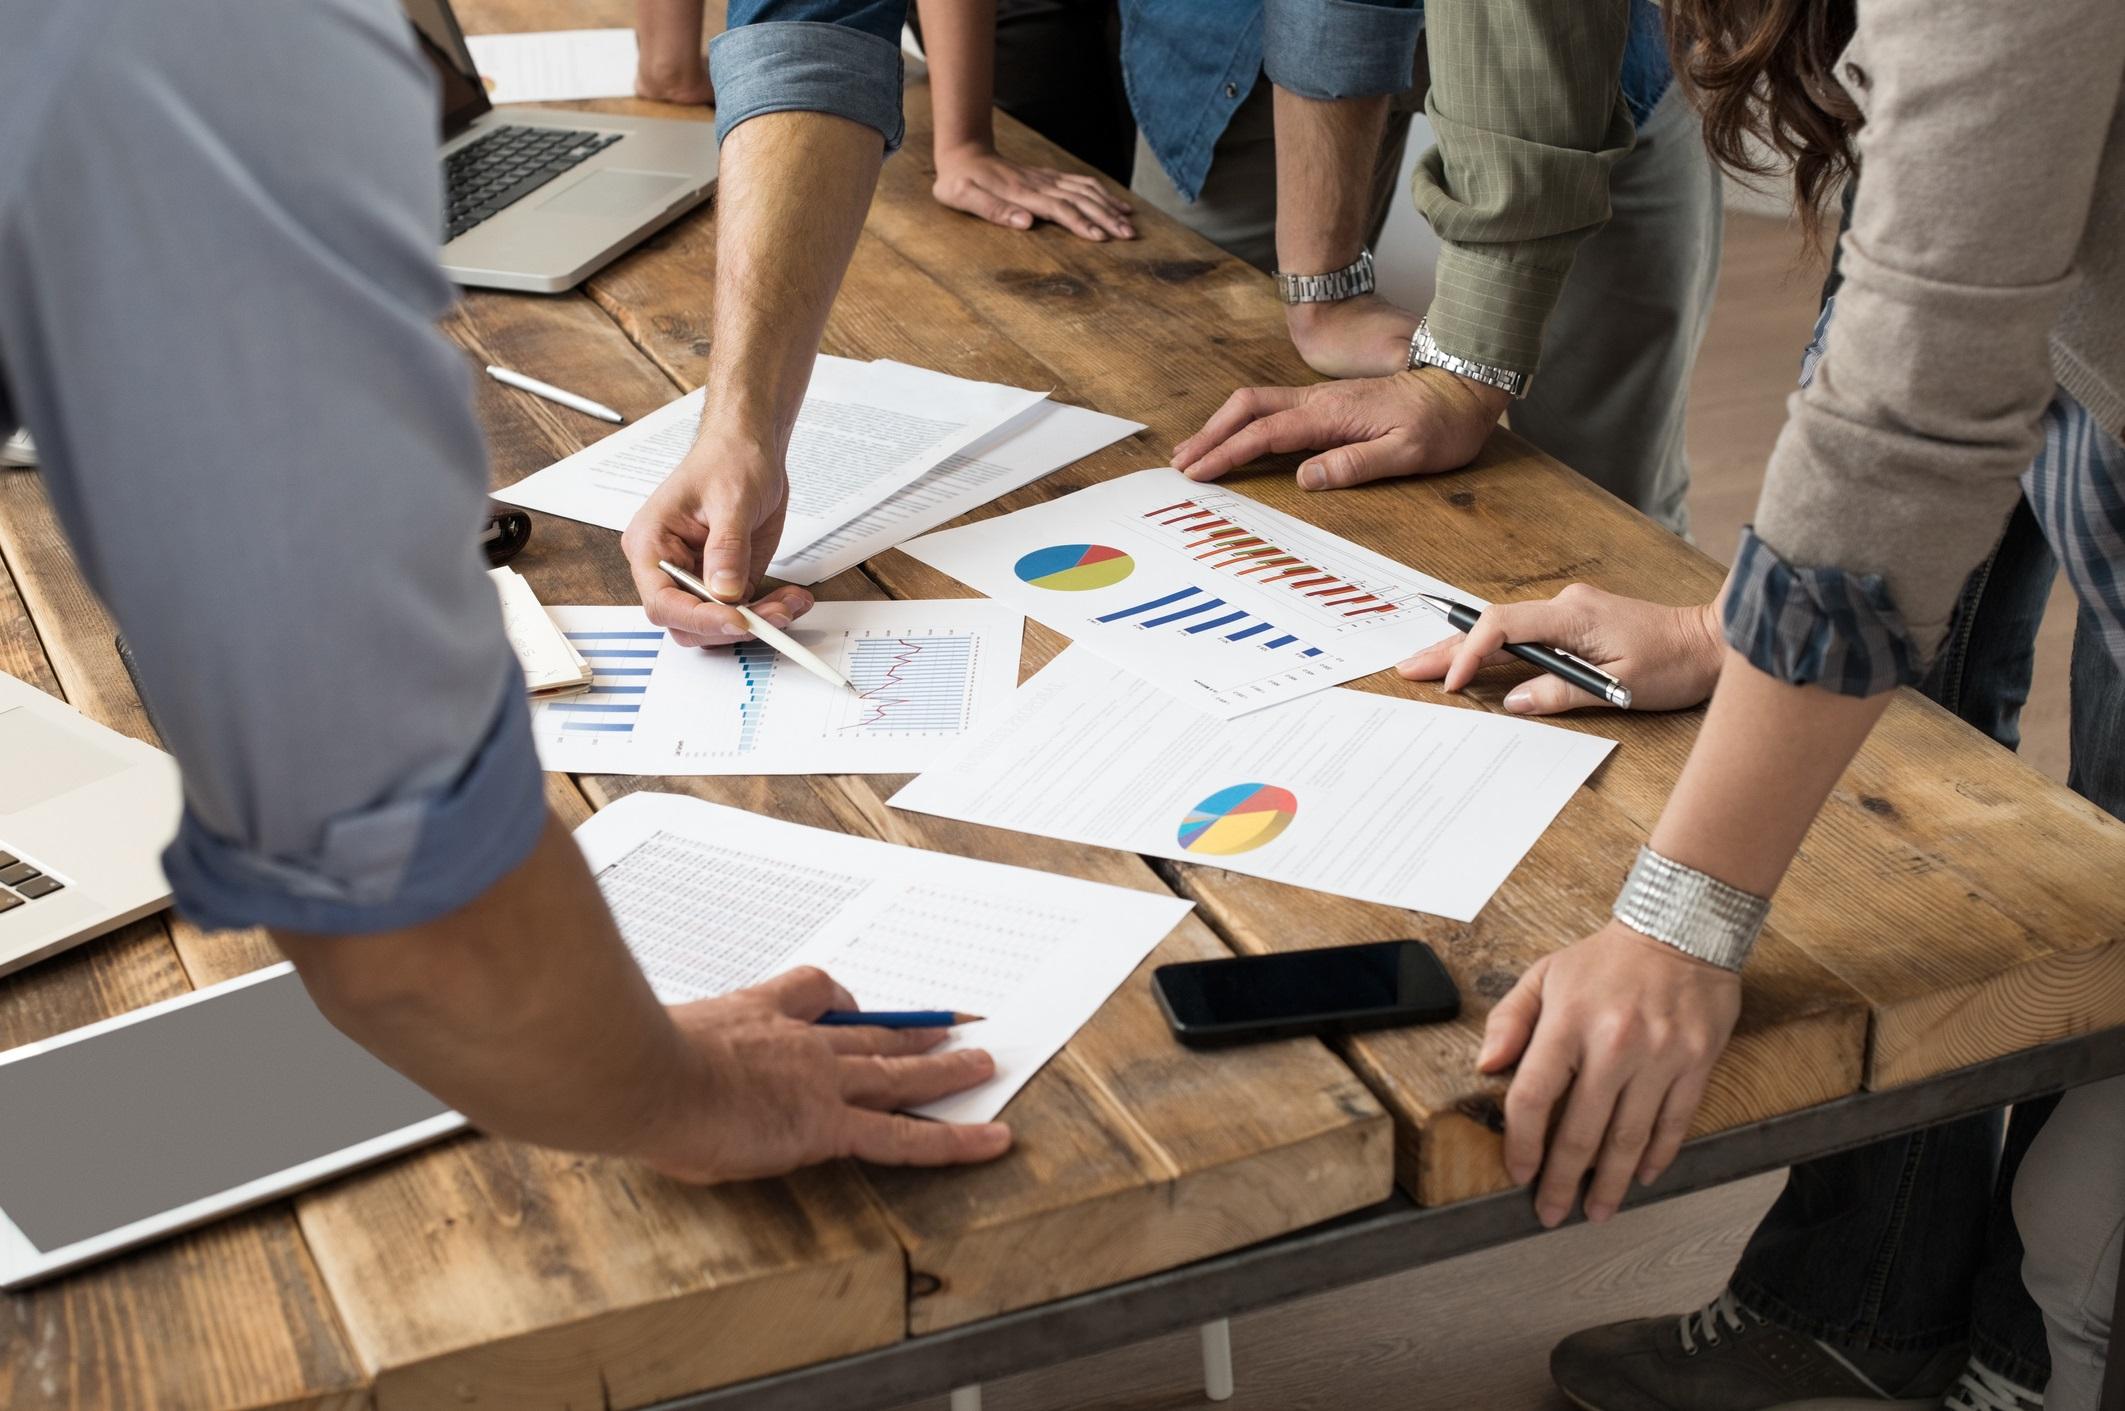 Te explicamos cómo hacer un informe de gestión paso a paso